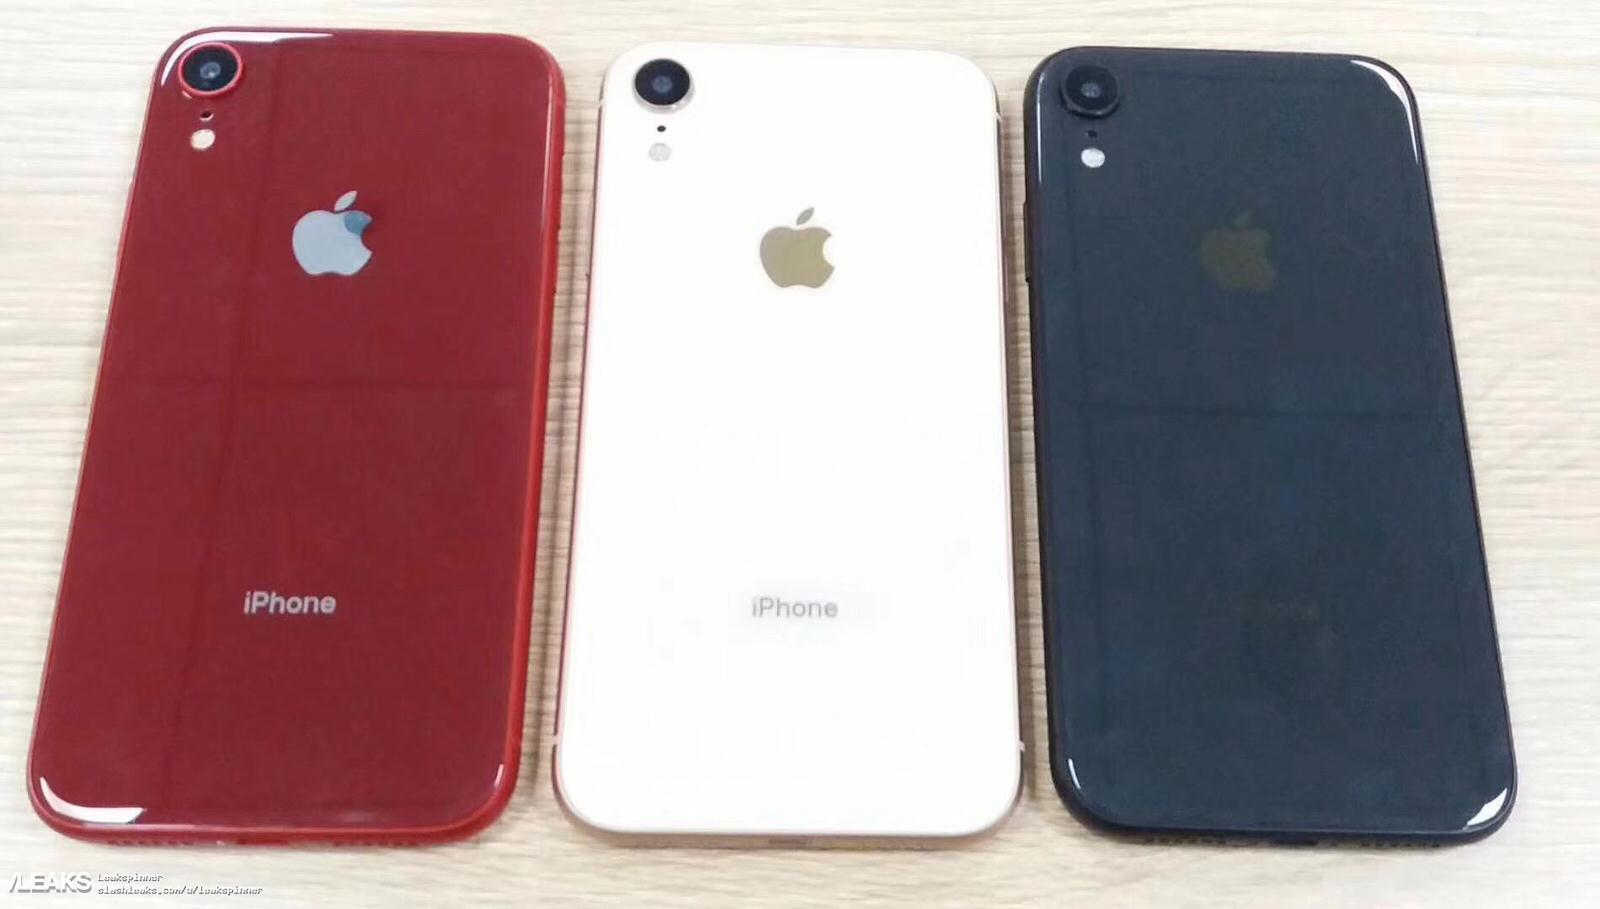 「iPhone 9」のモックアップ画像が流出、レッド・ホワイト・ブルーの3色も登場か